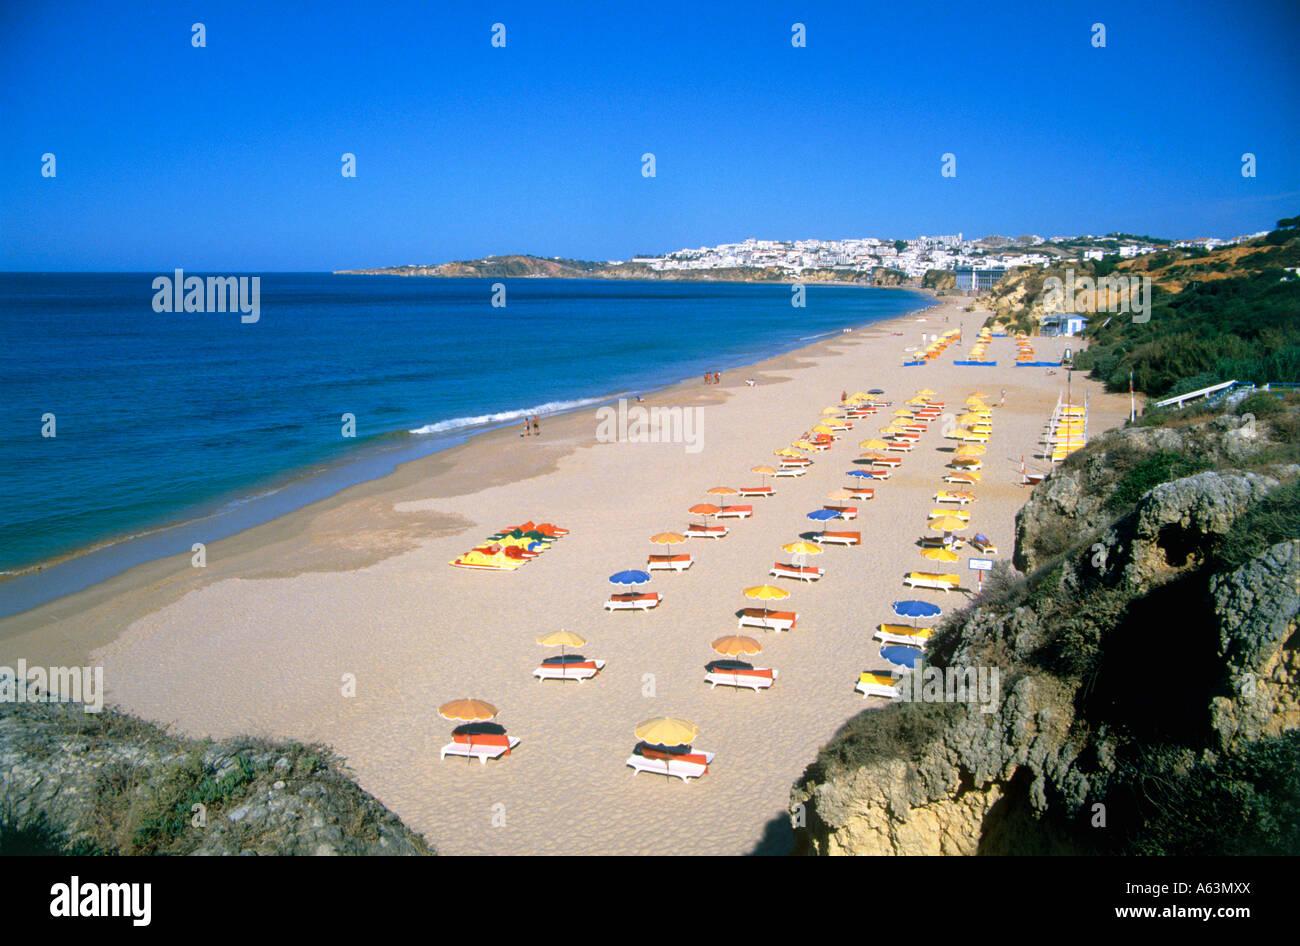 Strand-Szene am Morgen in der Nähe von Resort Albufeira Region der Algarve portugal Stockbild